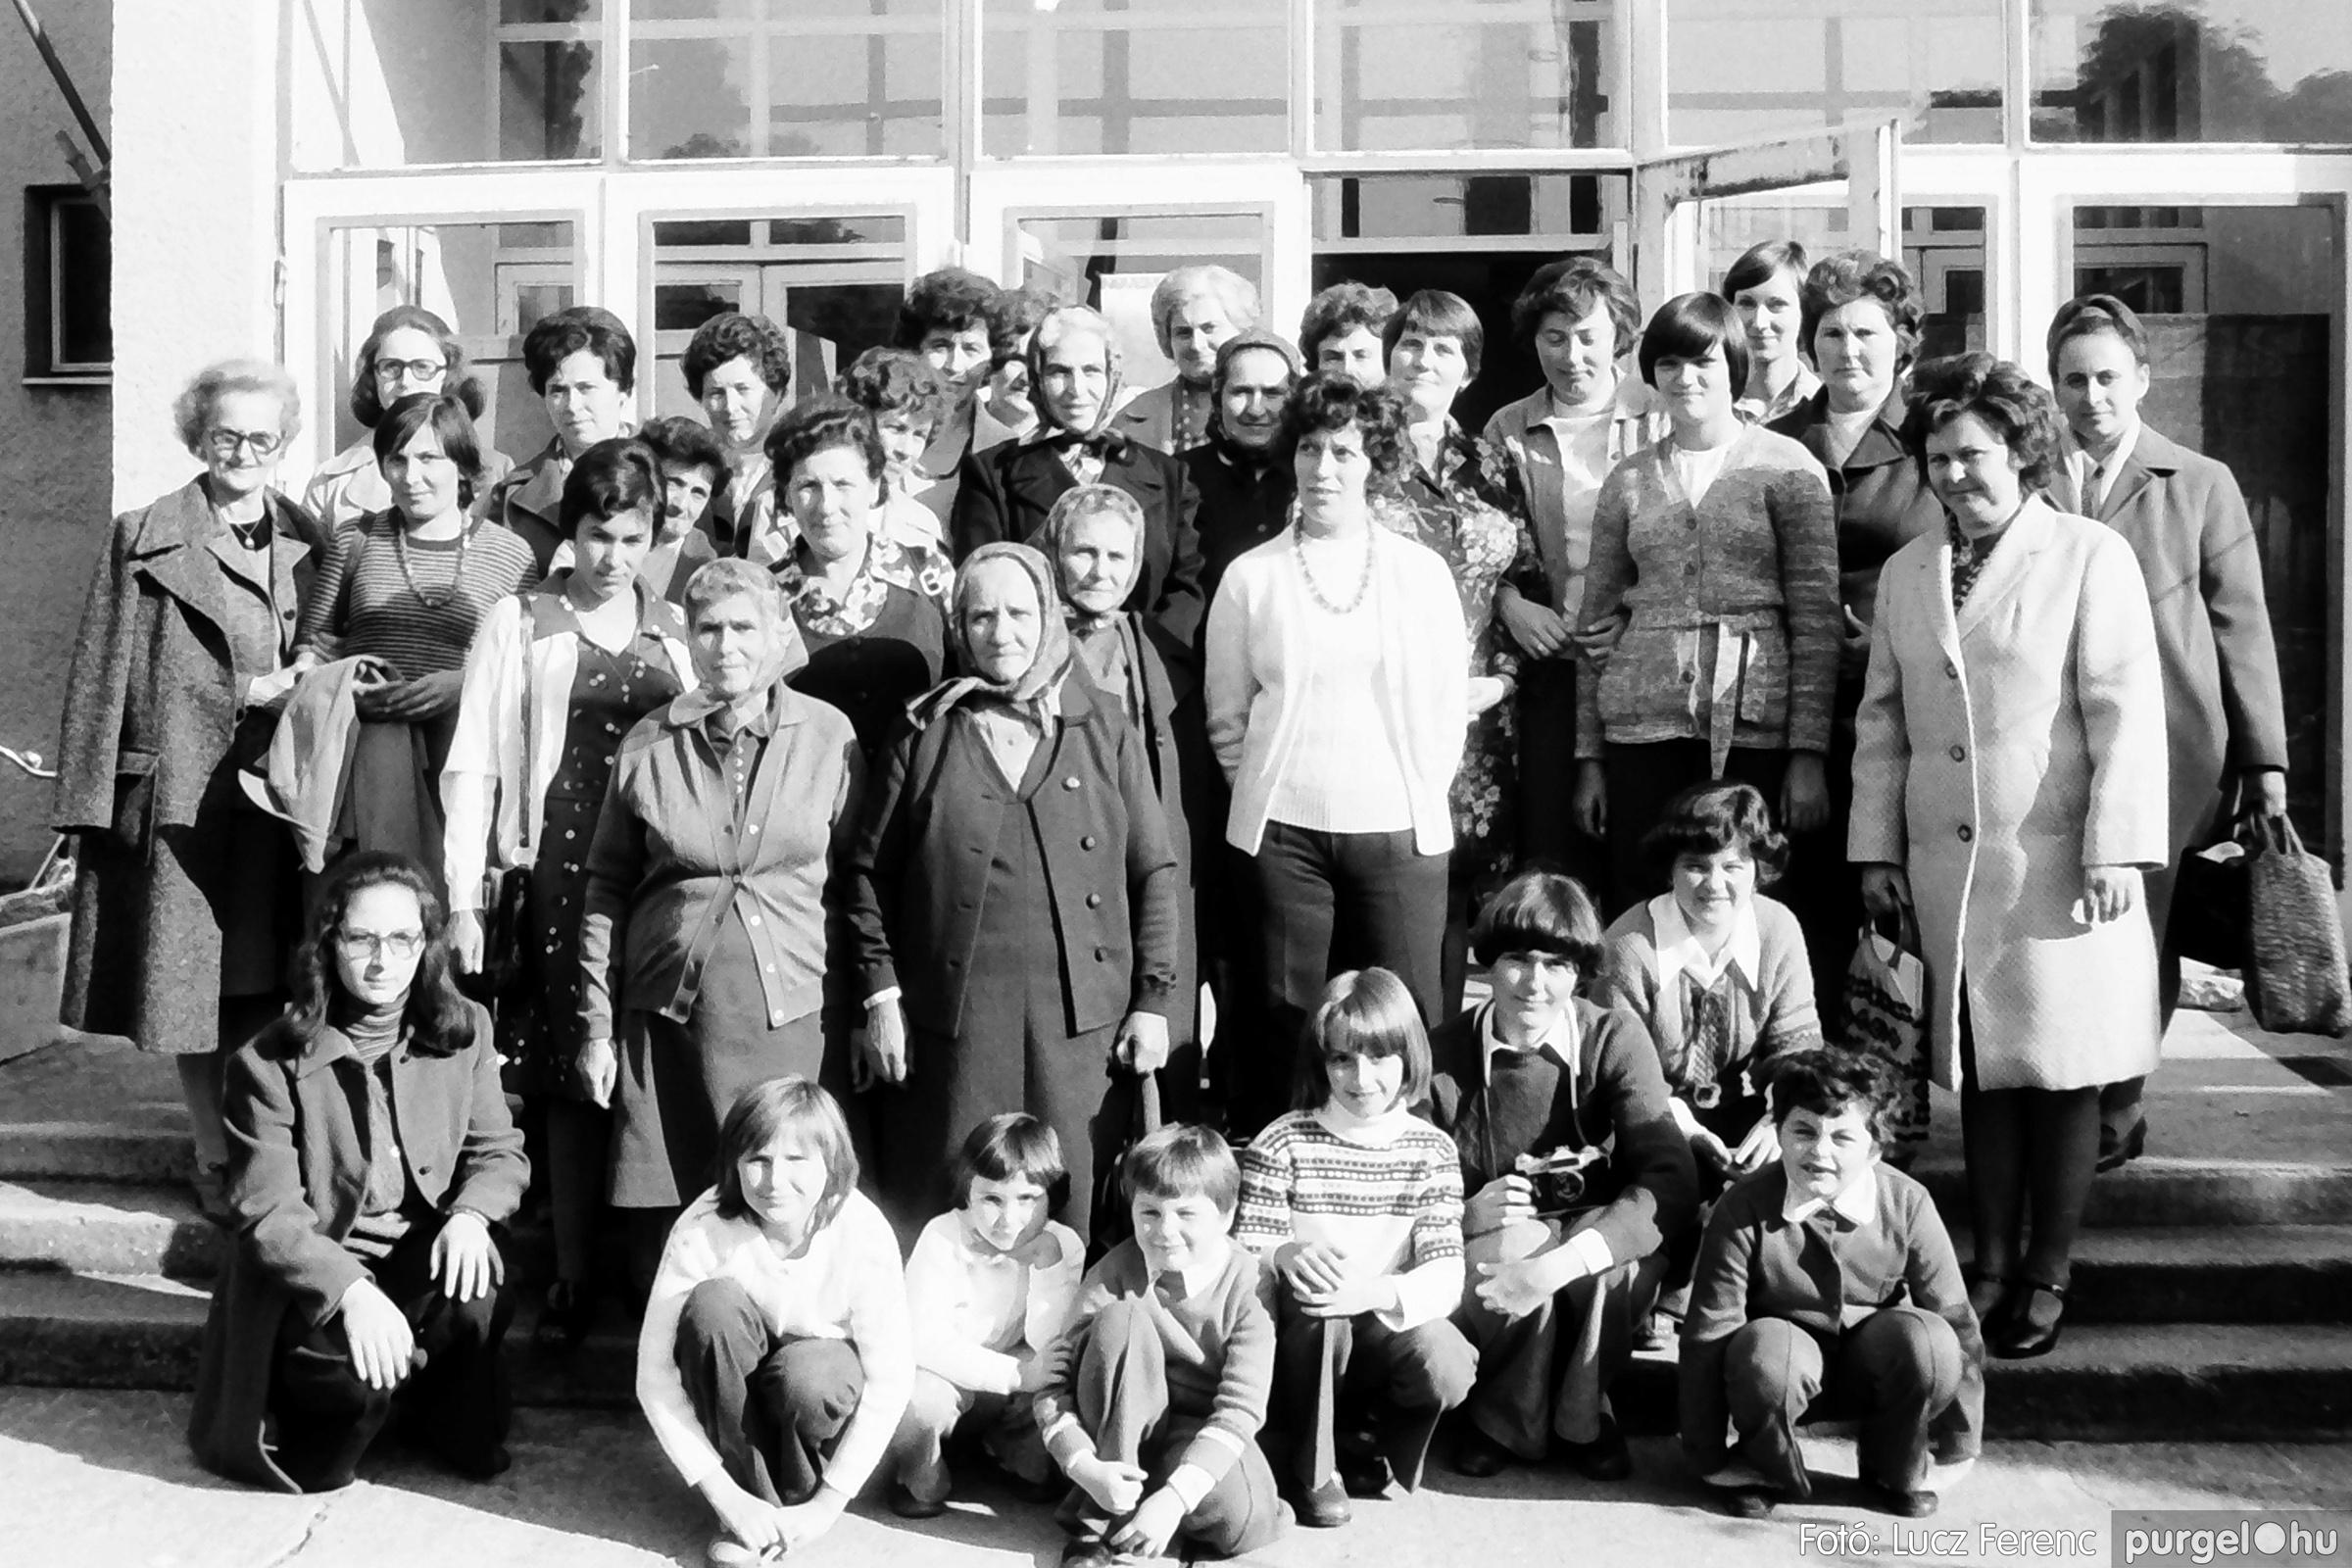 093. 1977. A szegvári és a tápéi kézimunka szakkör találkozója 002. - Fotó: Lucz Ferenc.jpg